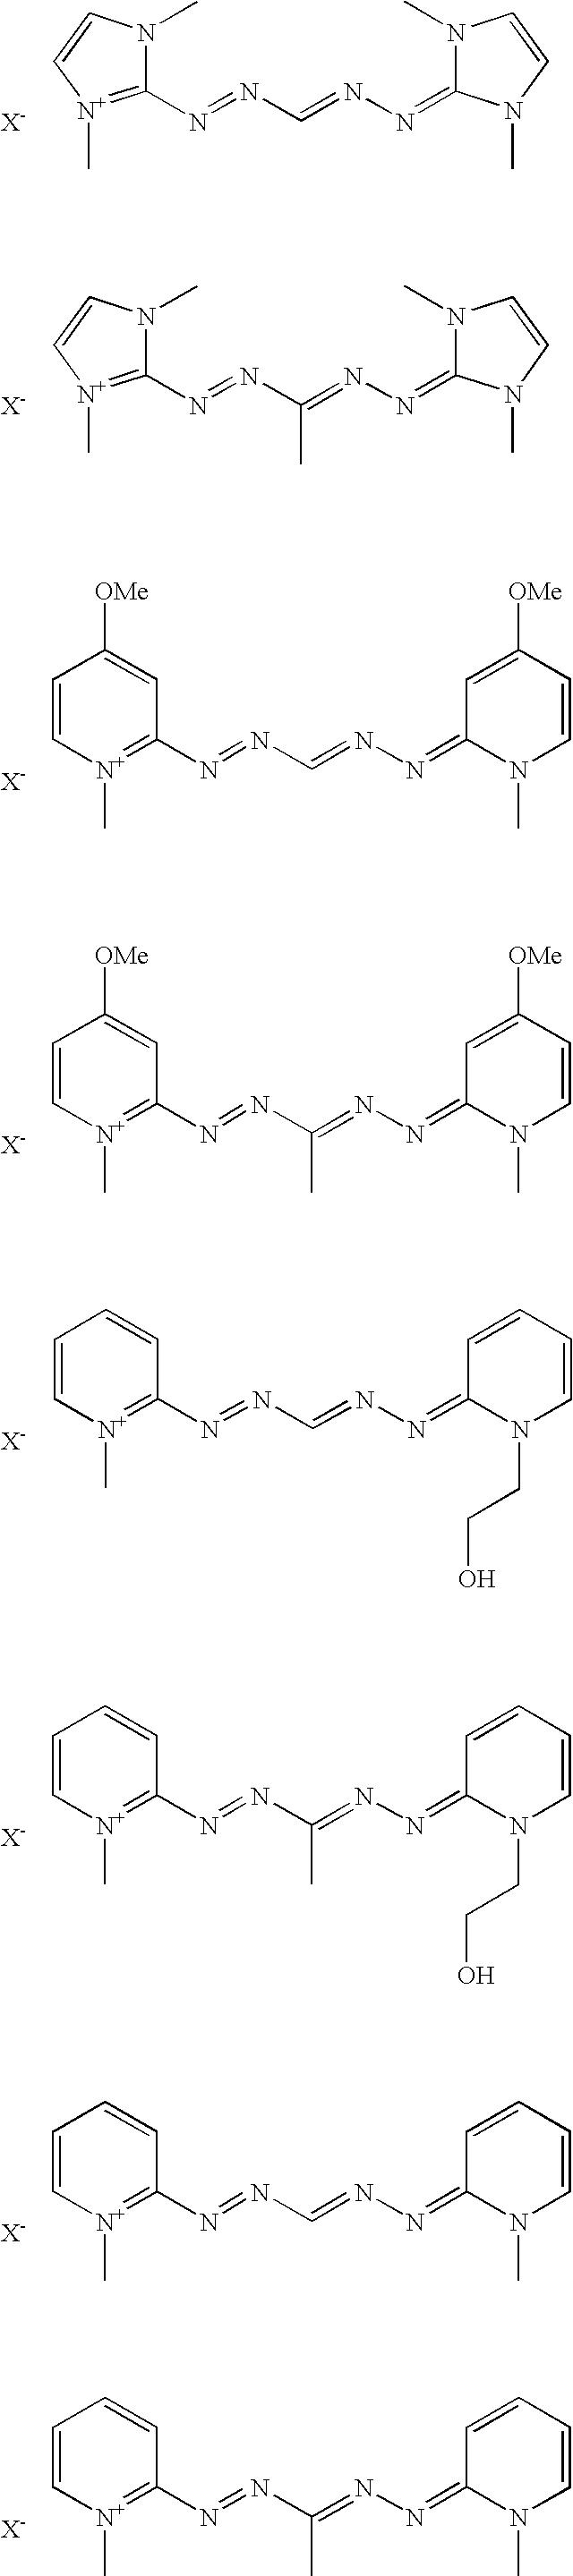 Figure US07901464-20110308-C00015